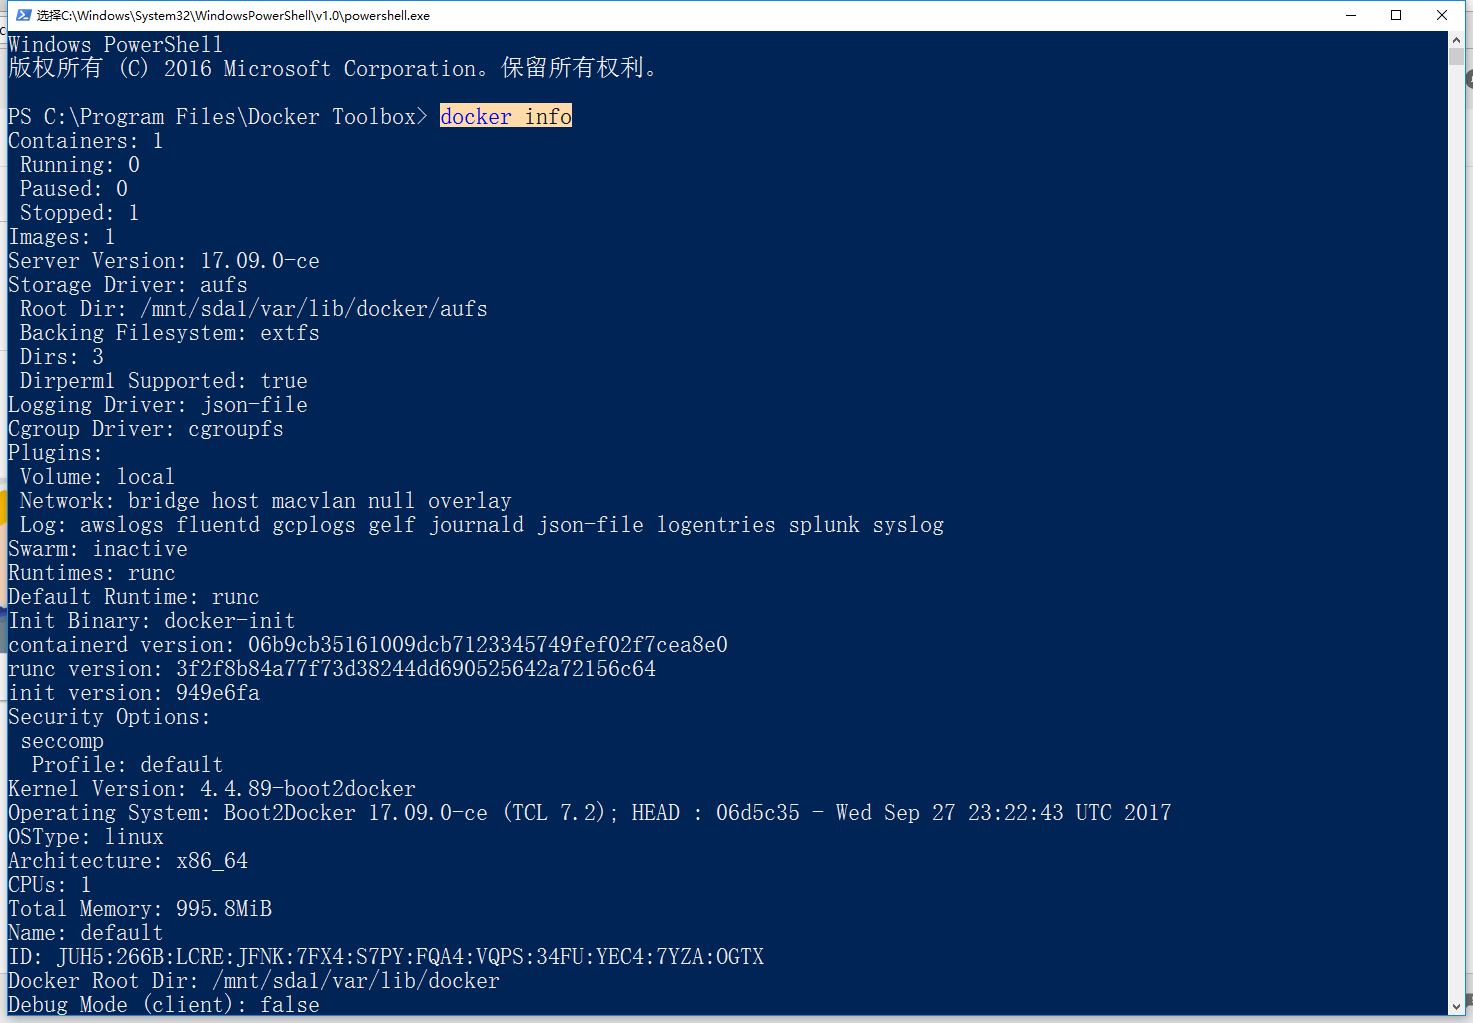 实则启动Windows PowerShell,且进入了C:\Program Files\Docker Toolbox>,在此处运行 docker 命令与在 Docker Quickstart Terminal 中运行是一致的,自行根据喜好选择了